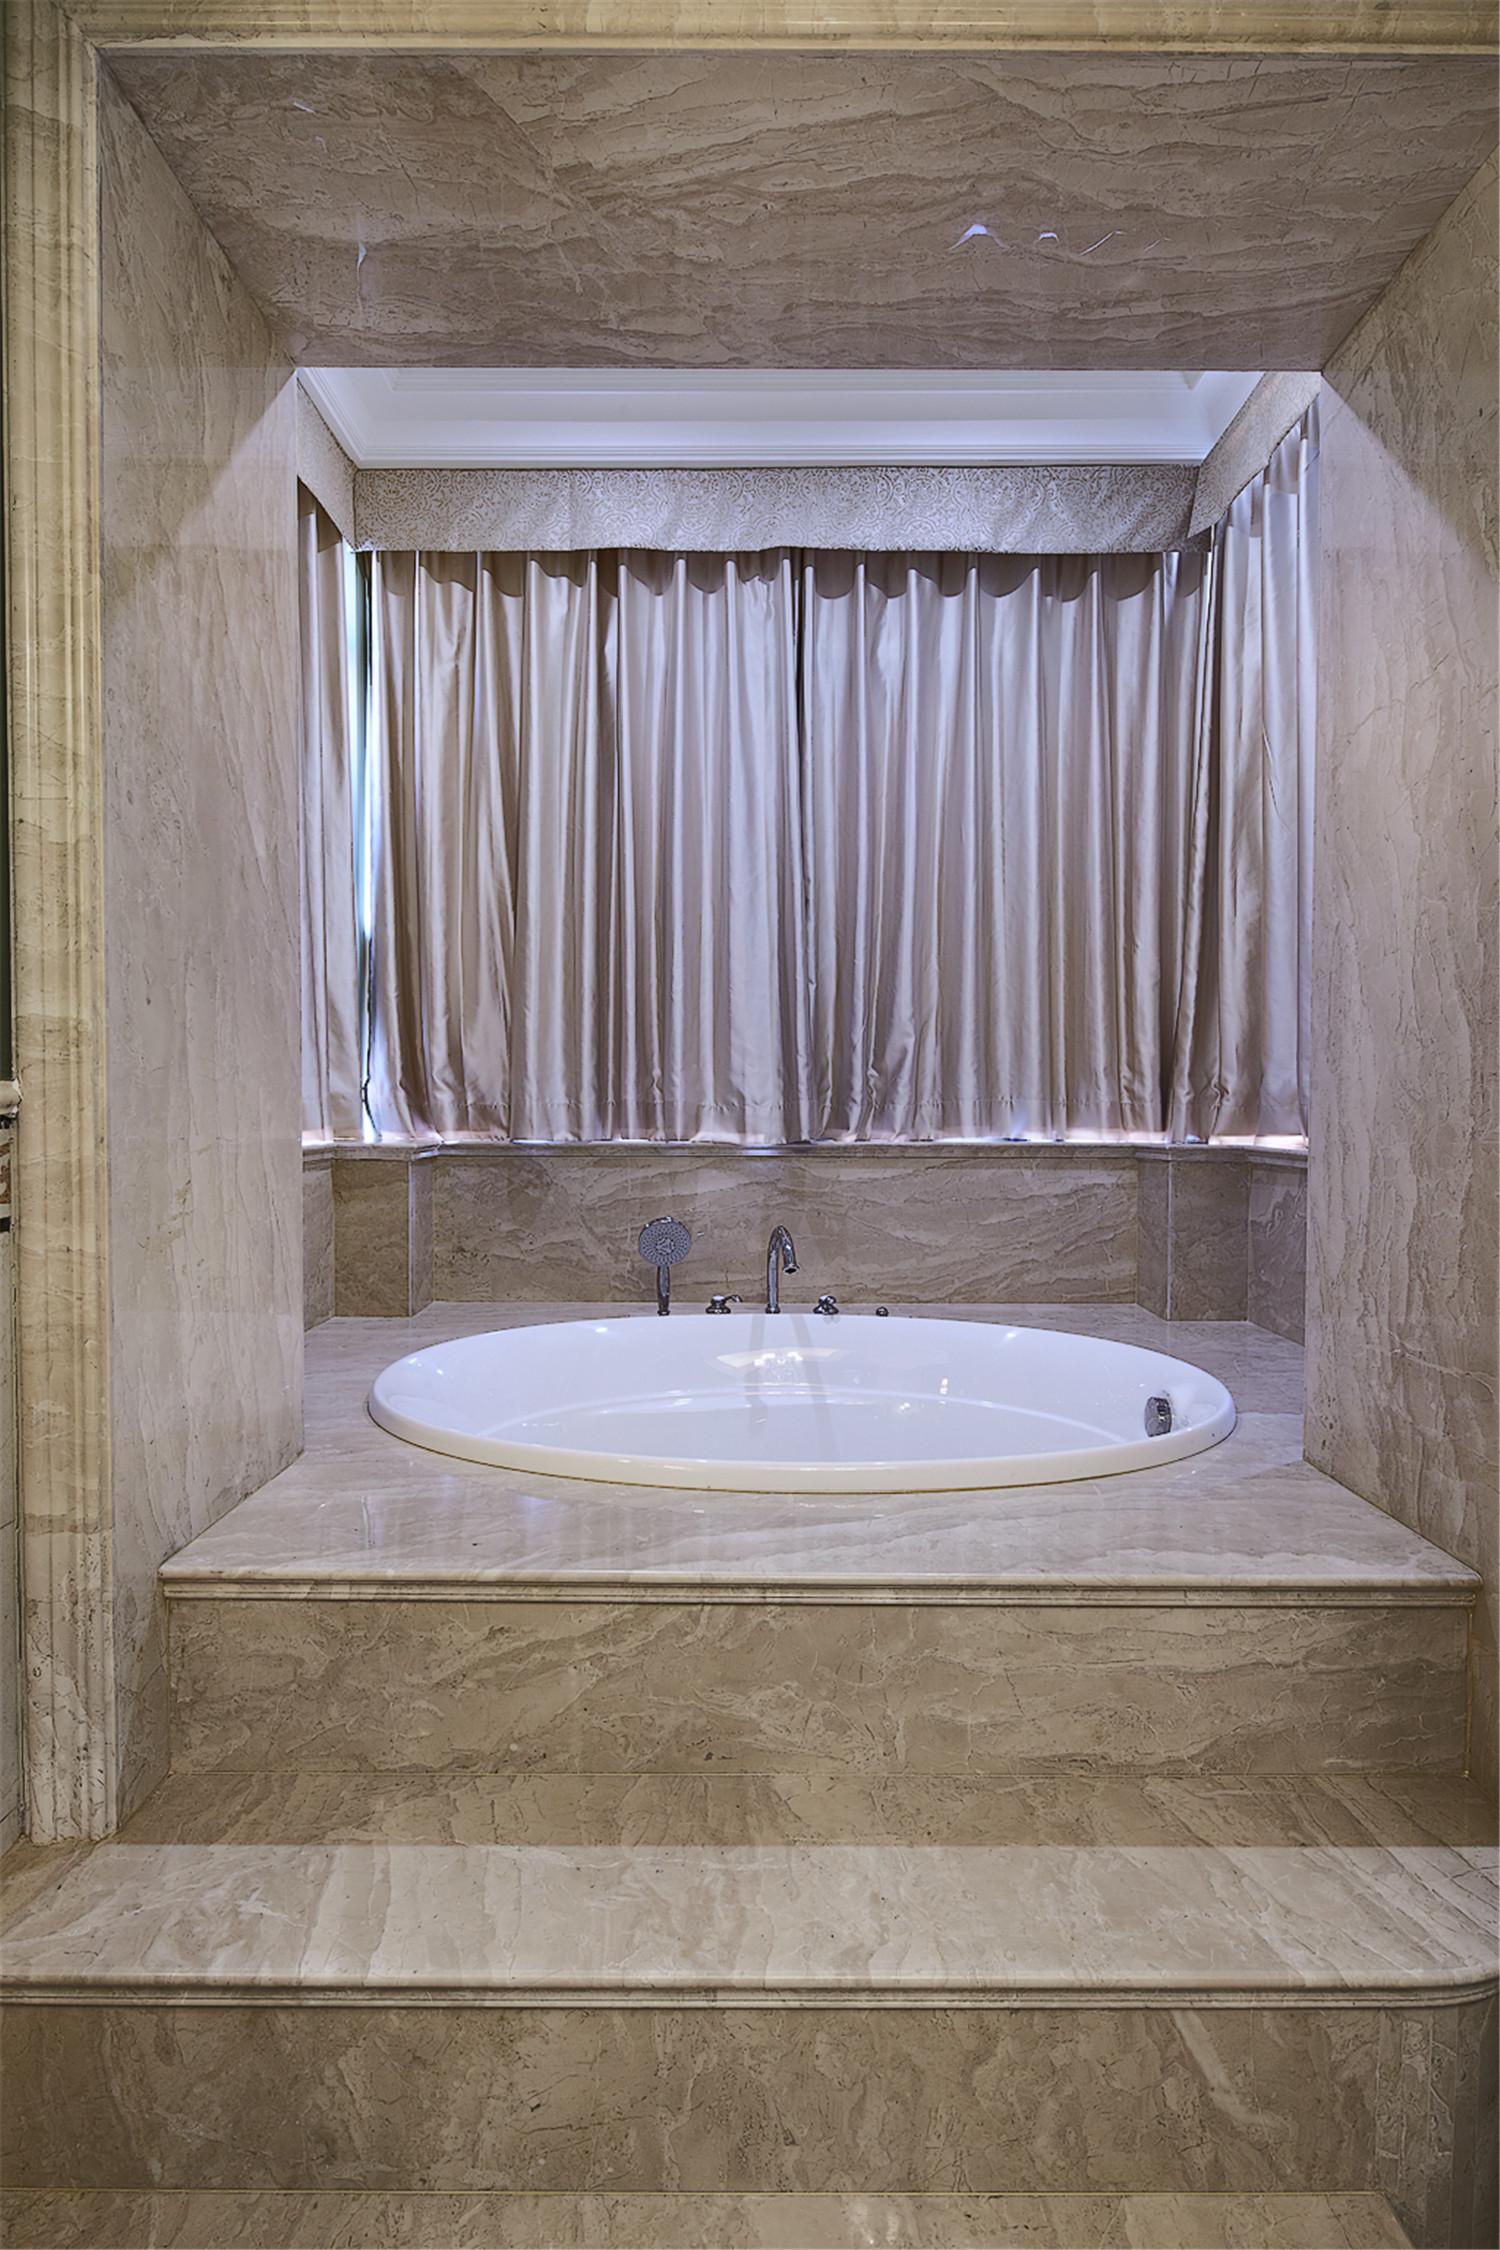 美式别墅装修浴缸设计